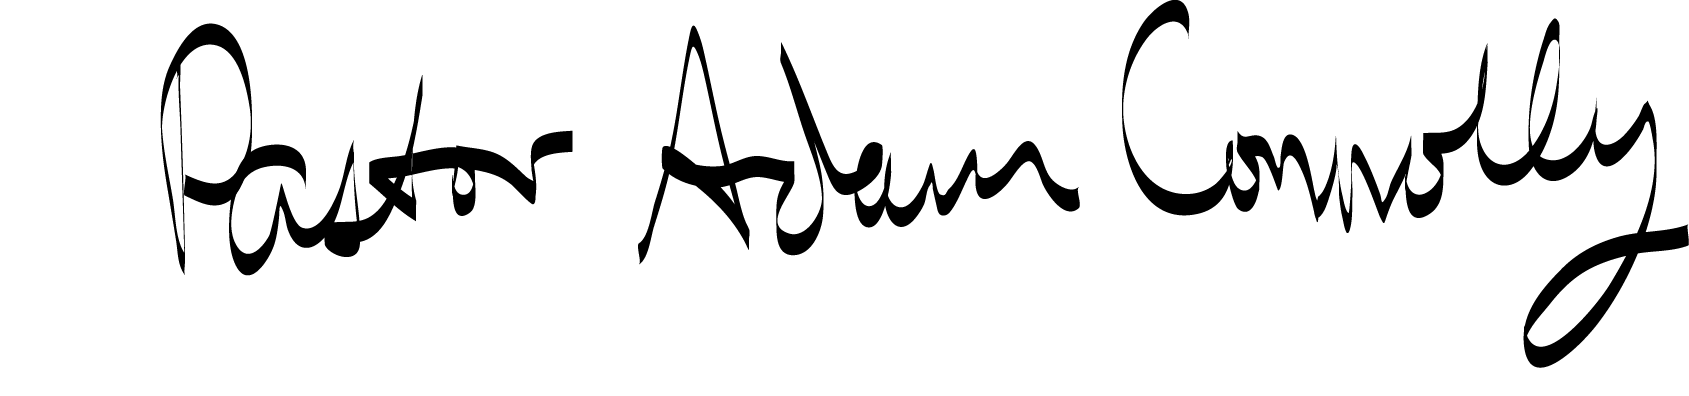 Adam signature 1.png